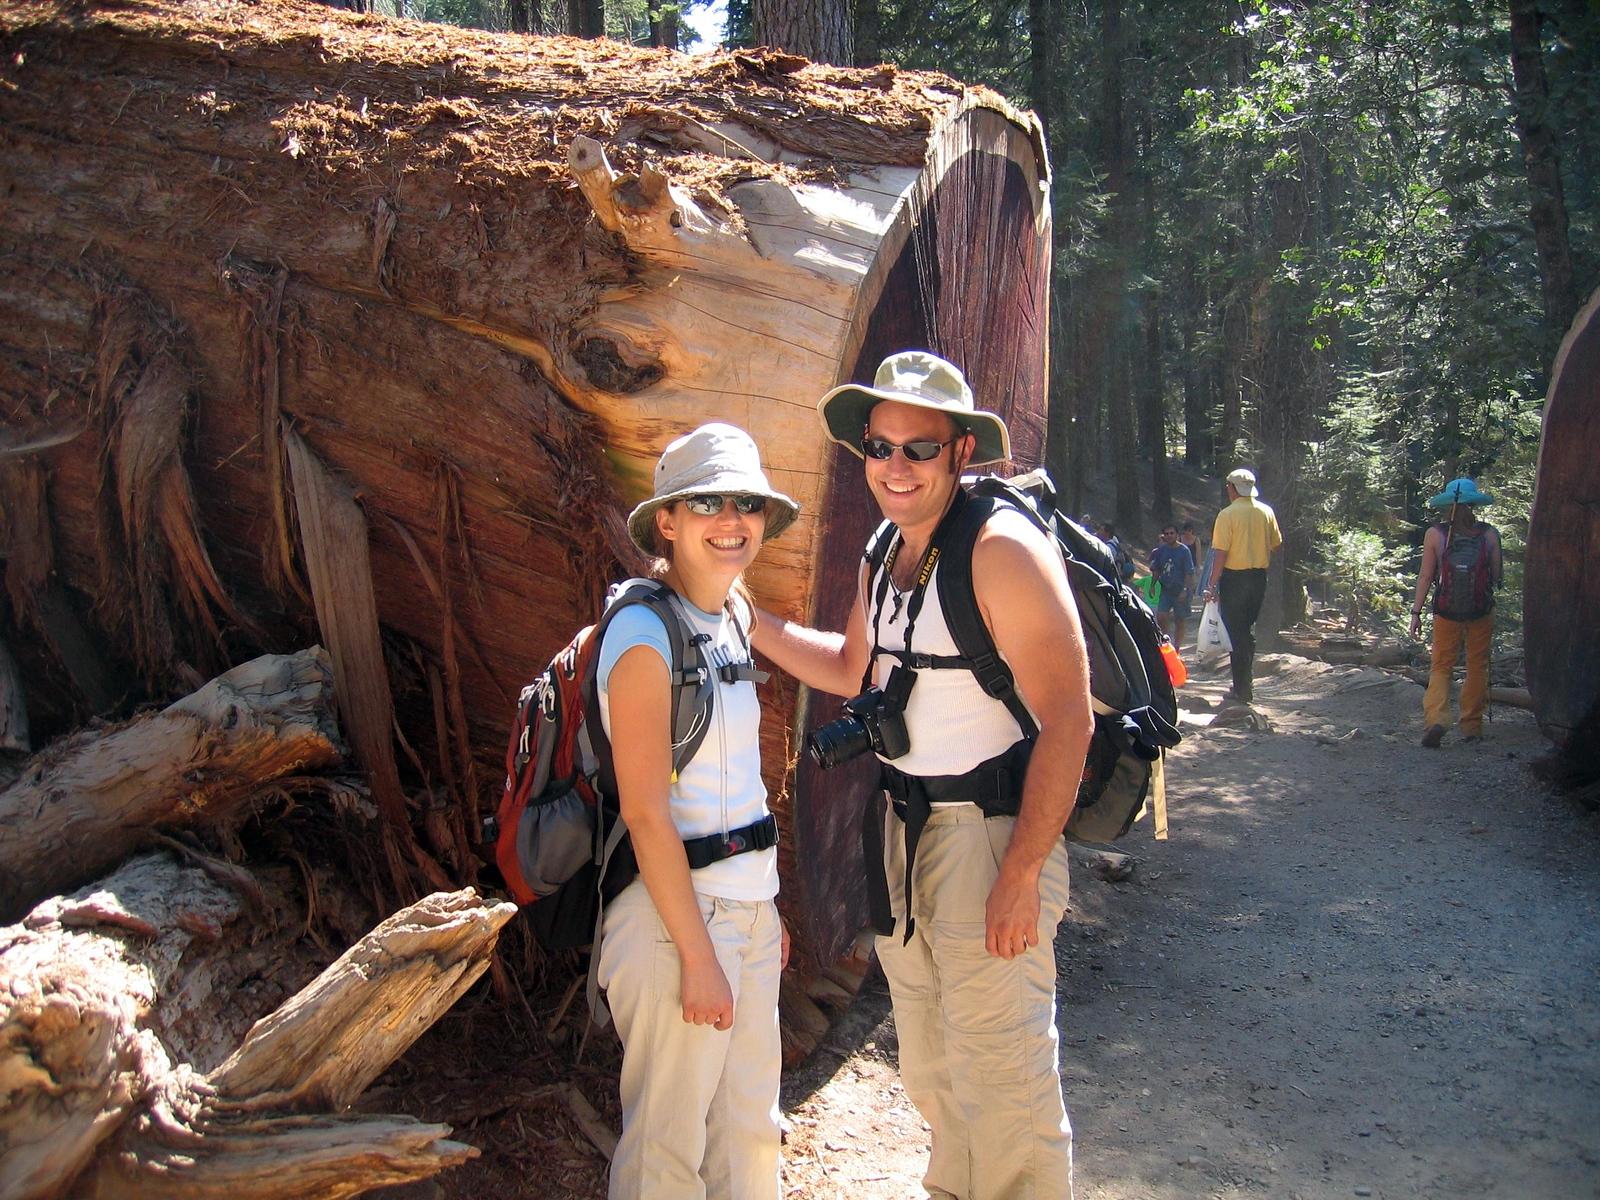 Gina snapped this pic of us at Mariposa Grove